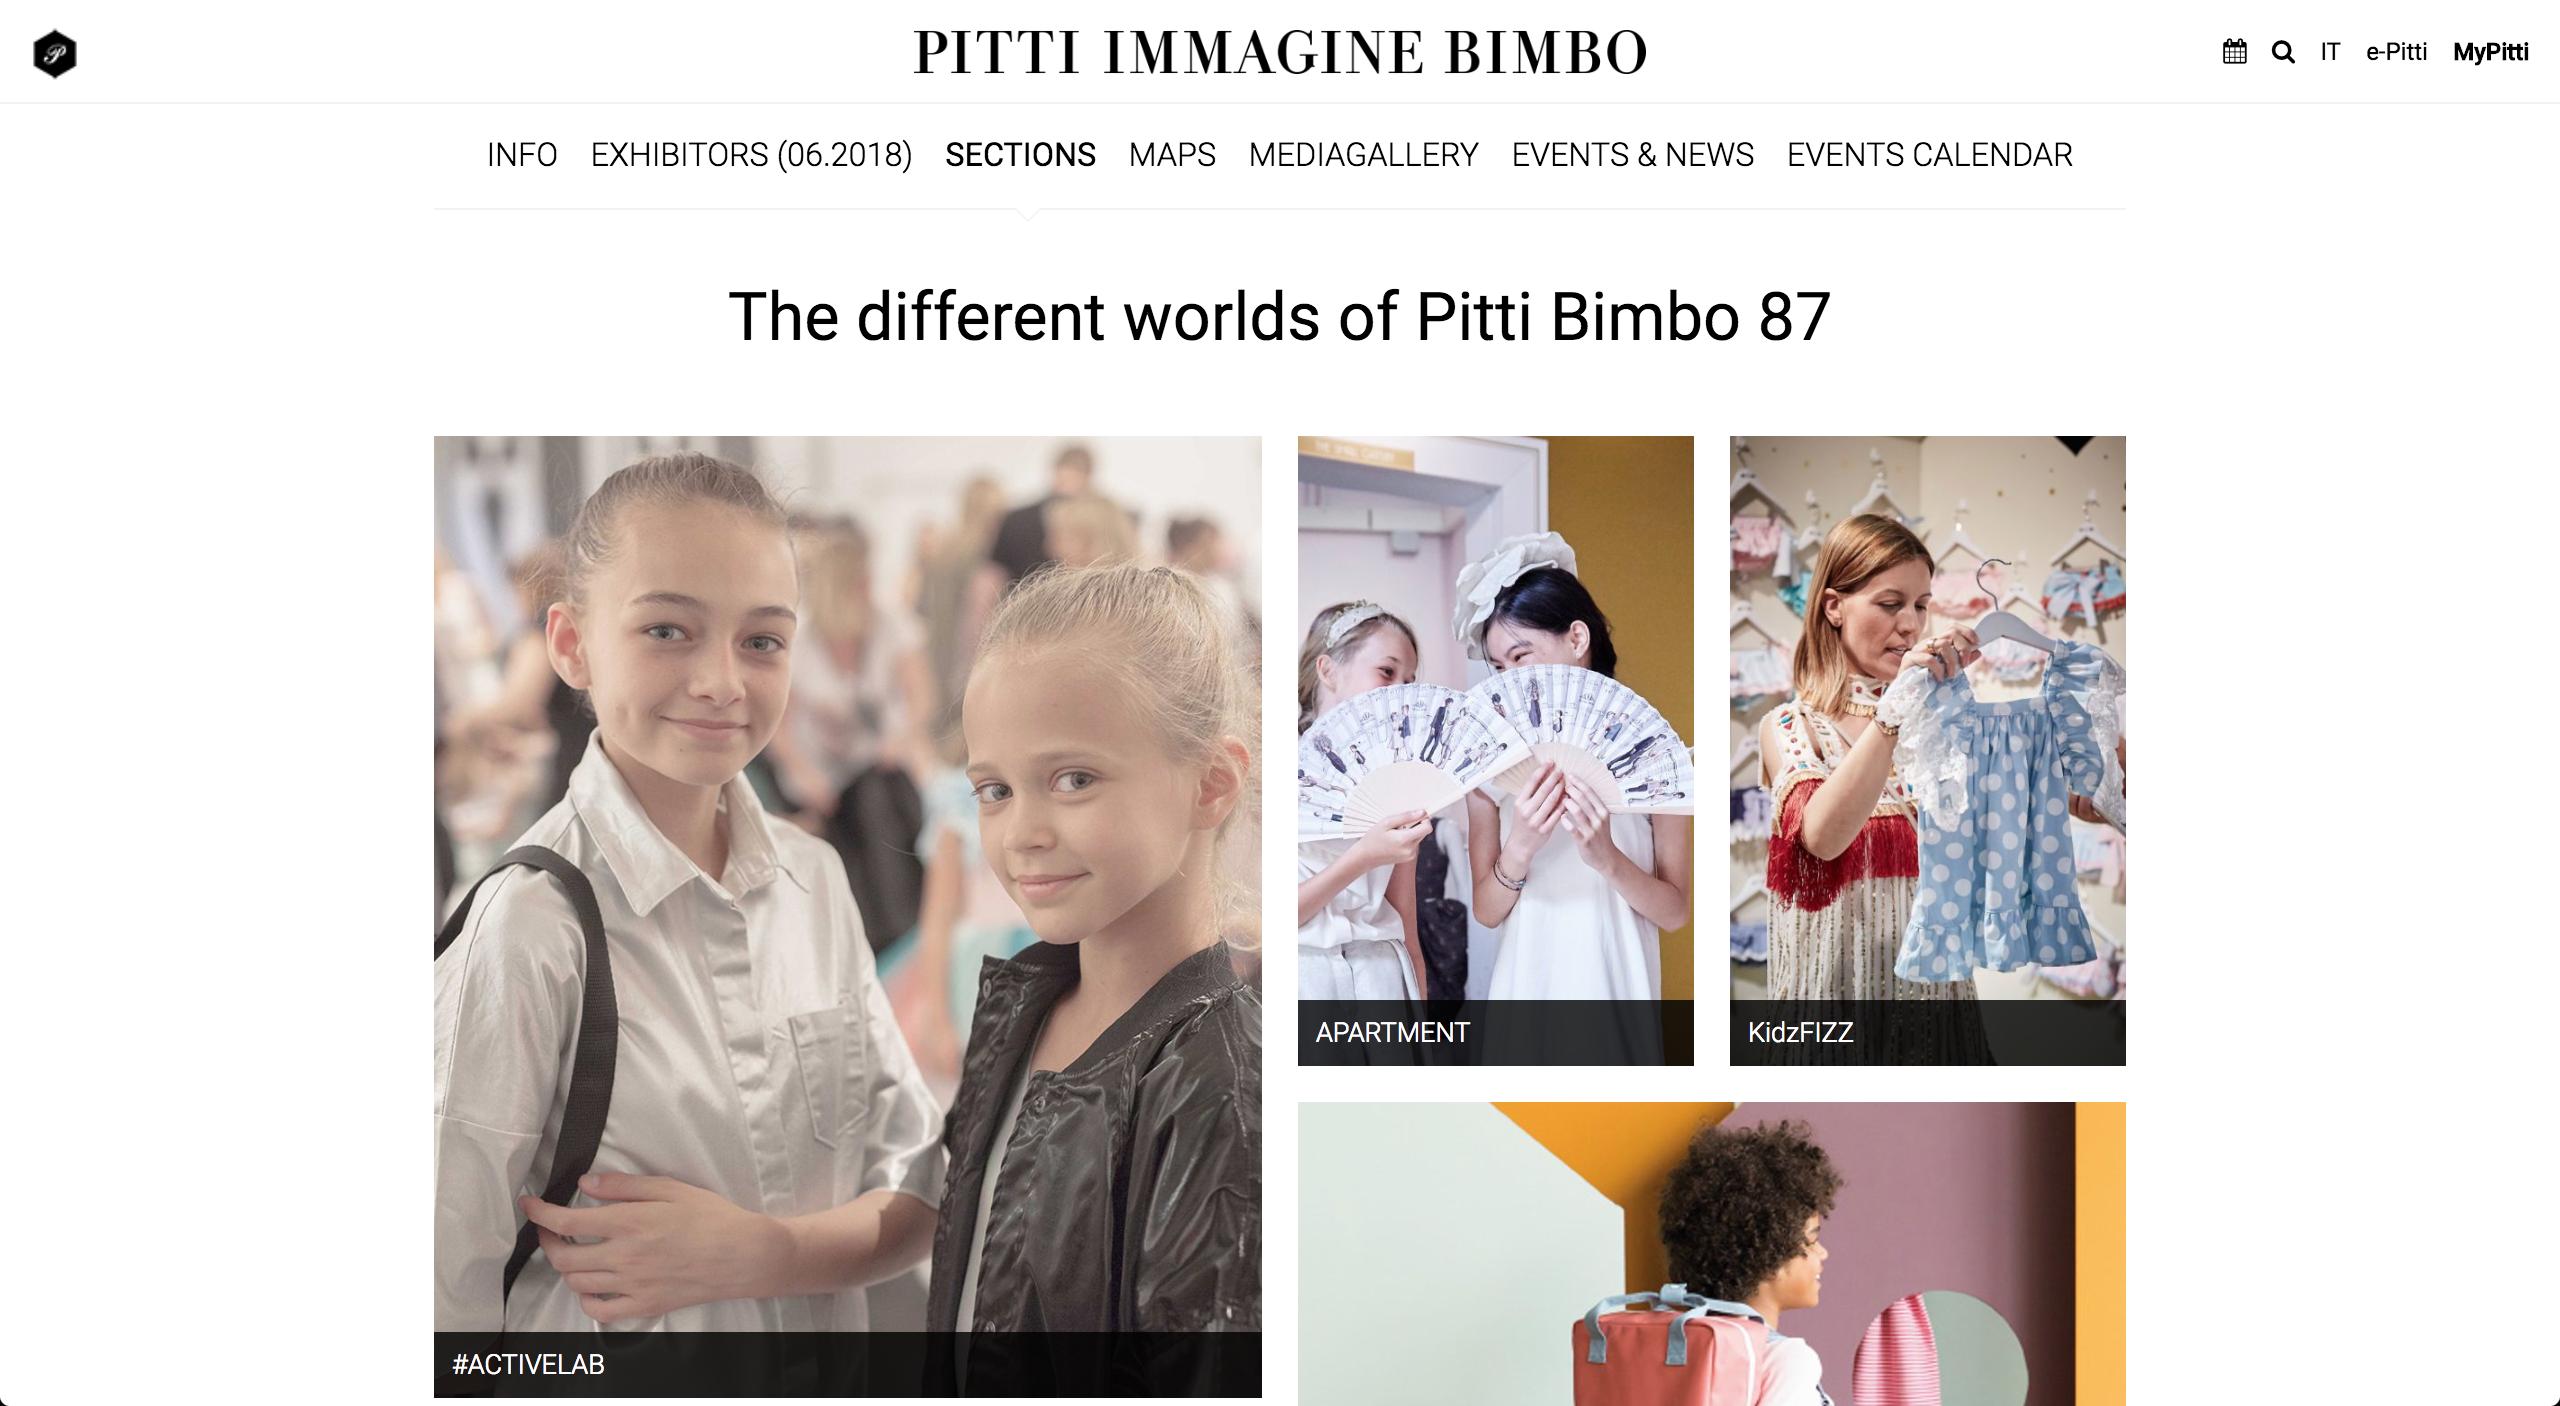 第87届Pitti Bimbo童装展落下帷幕